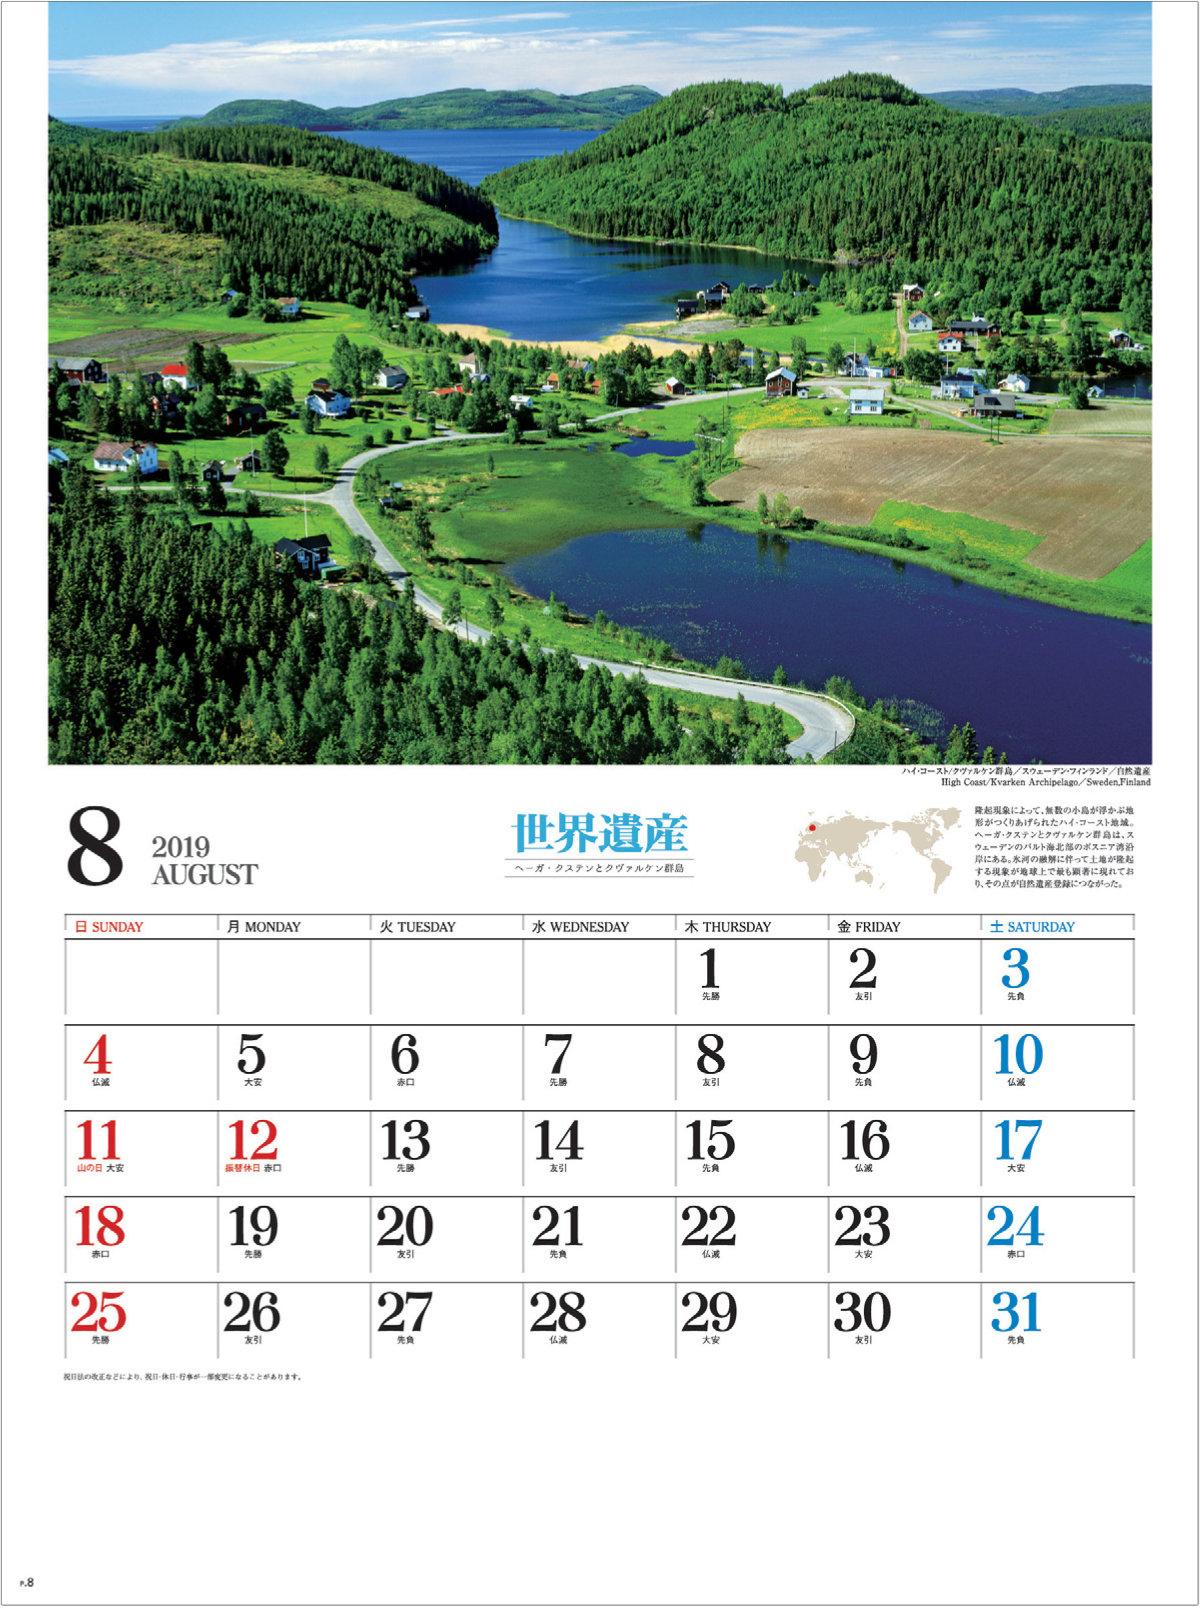 画像:スウェーデンとフィンランドのクヴァルケン群島 ユネスコ世界遺産 2019年カレンダー